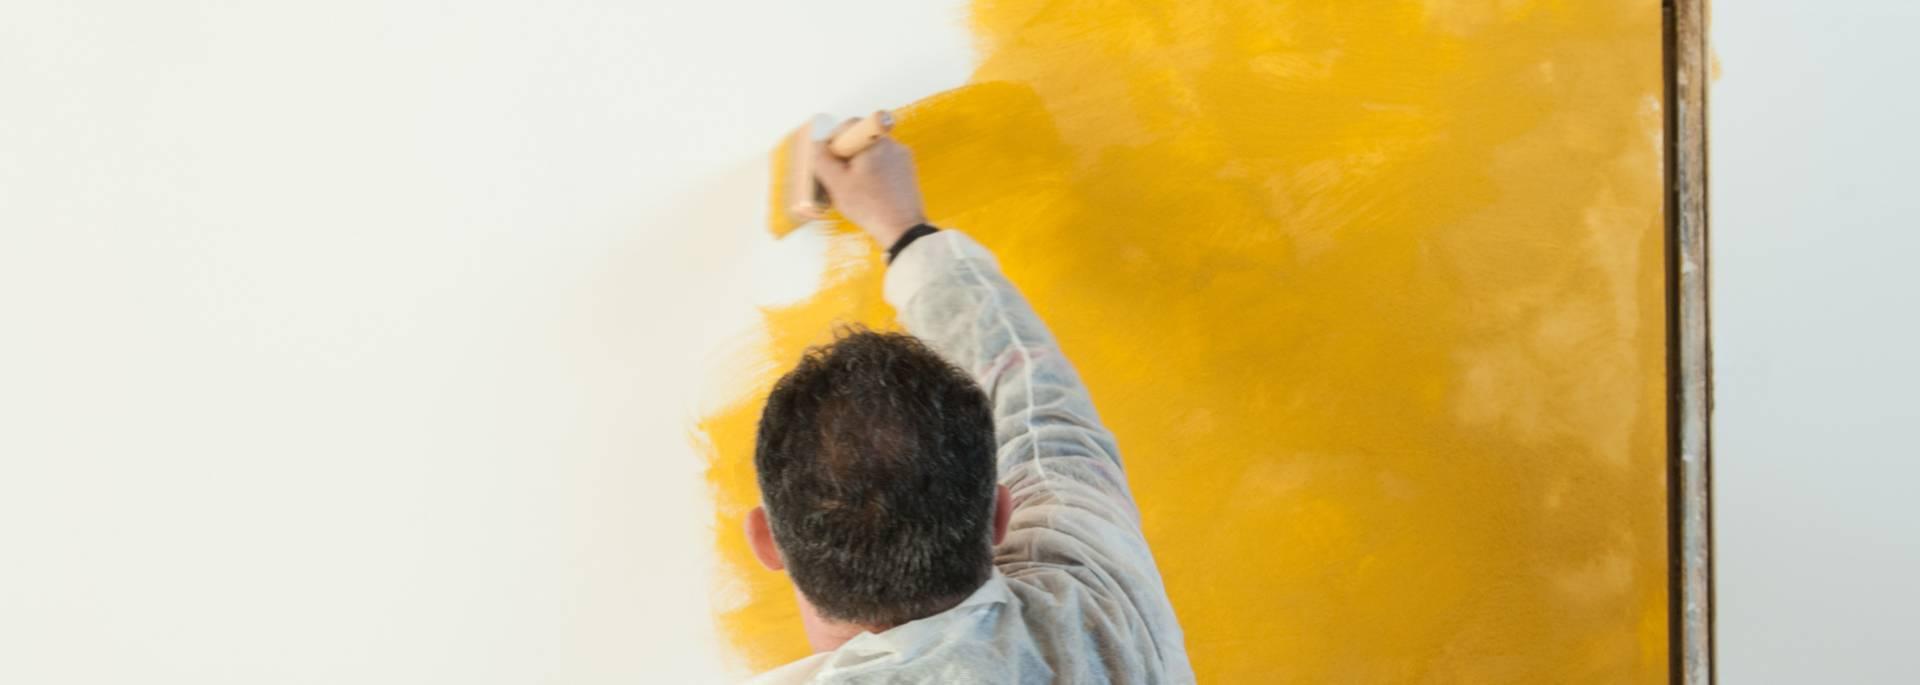 Peinture | Peindre | Ocres | Pigment | Jaune